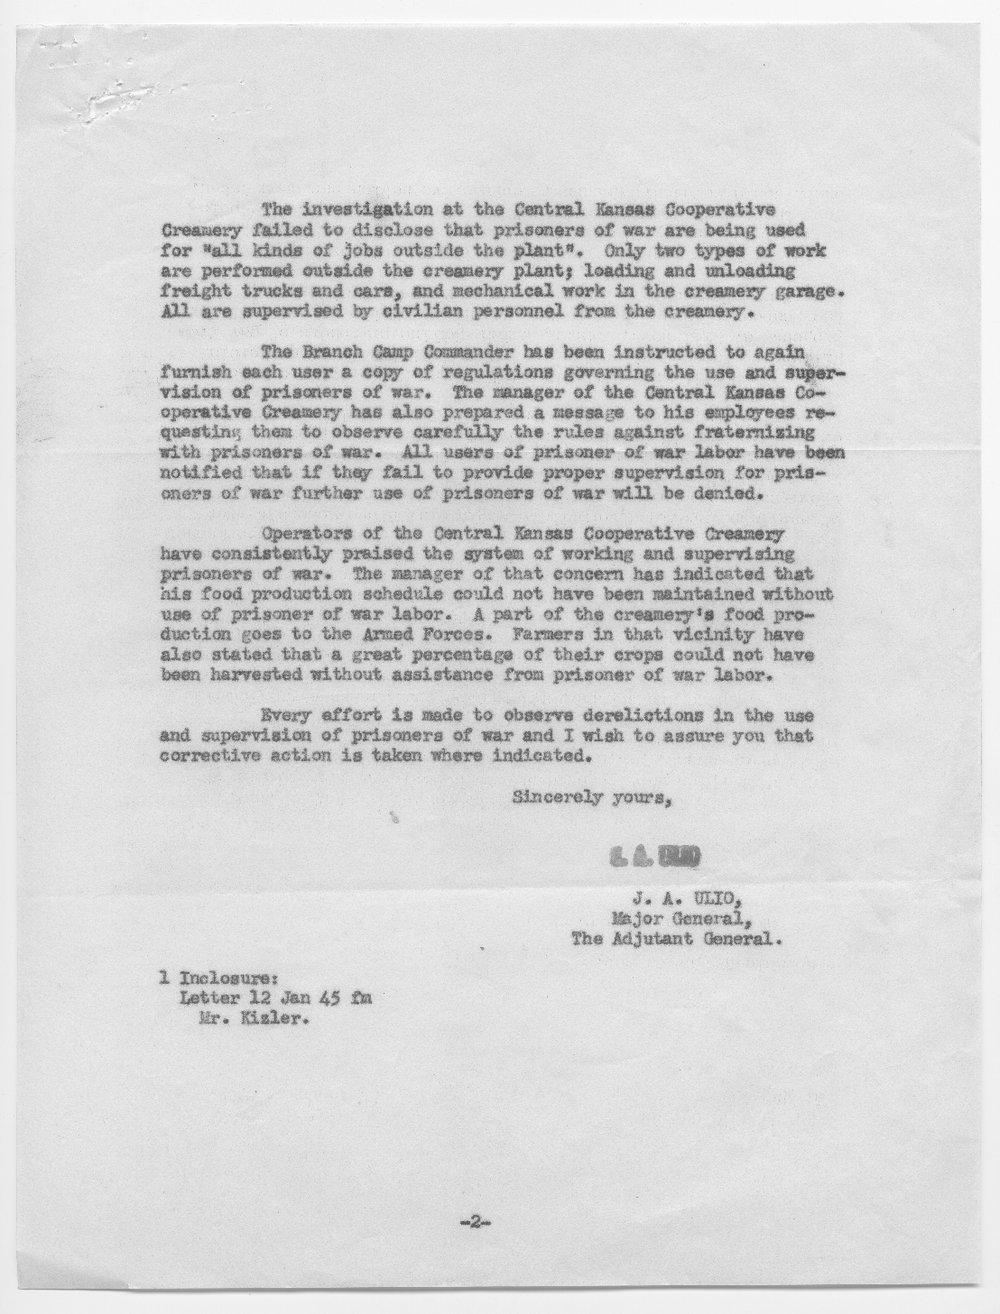 Major General J.A. Ulio to Senator Arthur Capper - 2